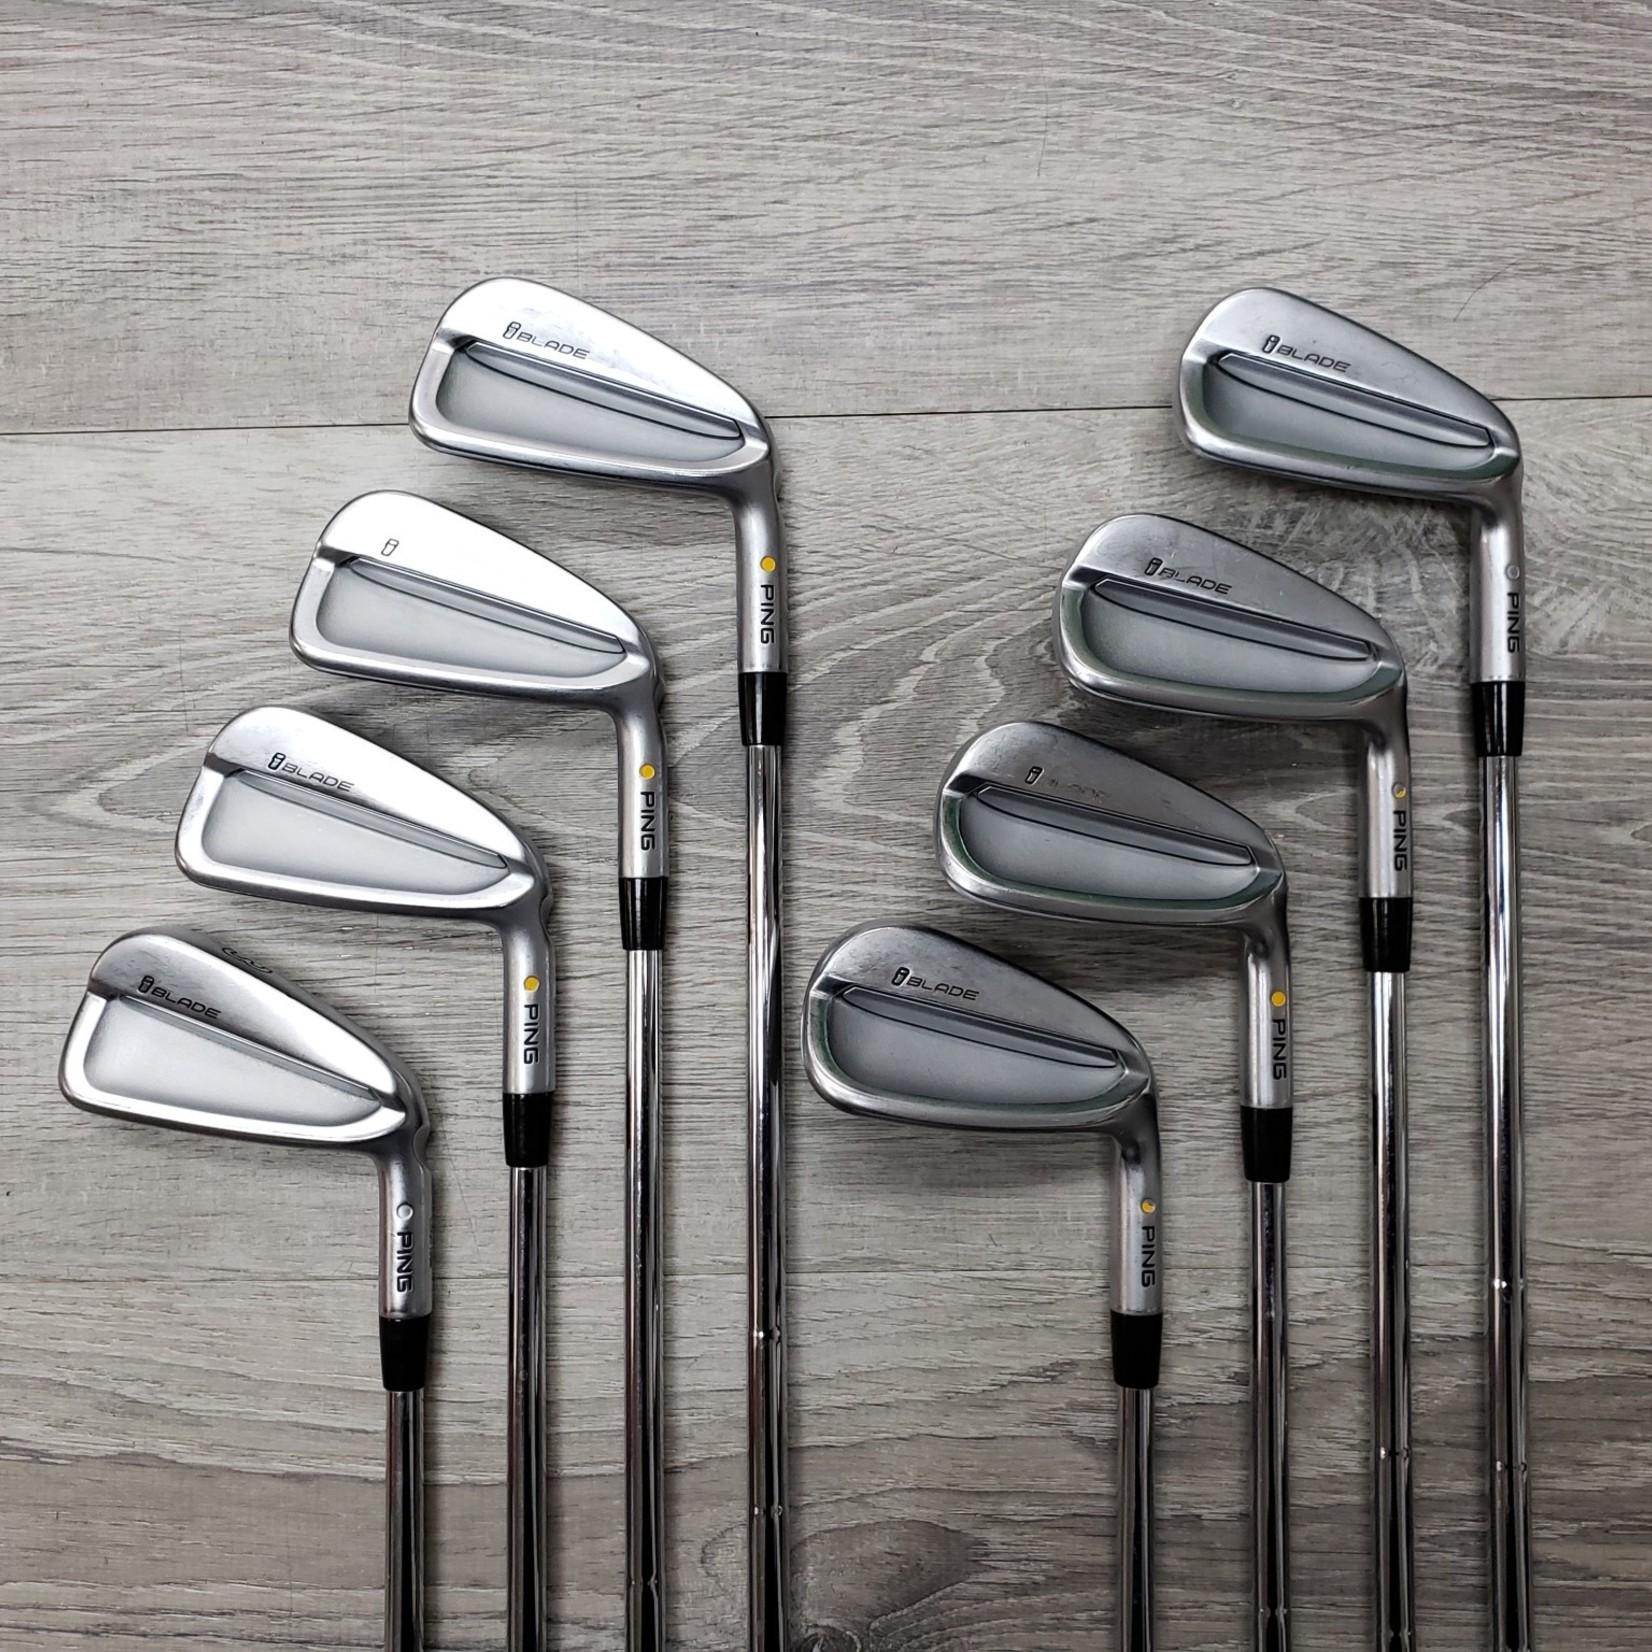 PING PING iBLADE Iron Set 3-PW Dynamic Gold X100 Steel (RH)